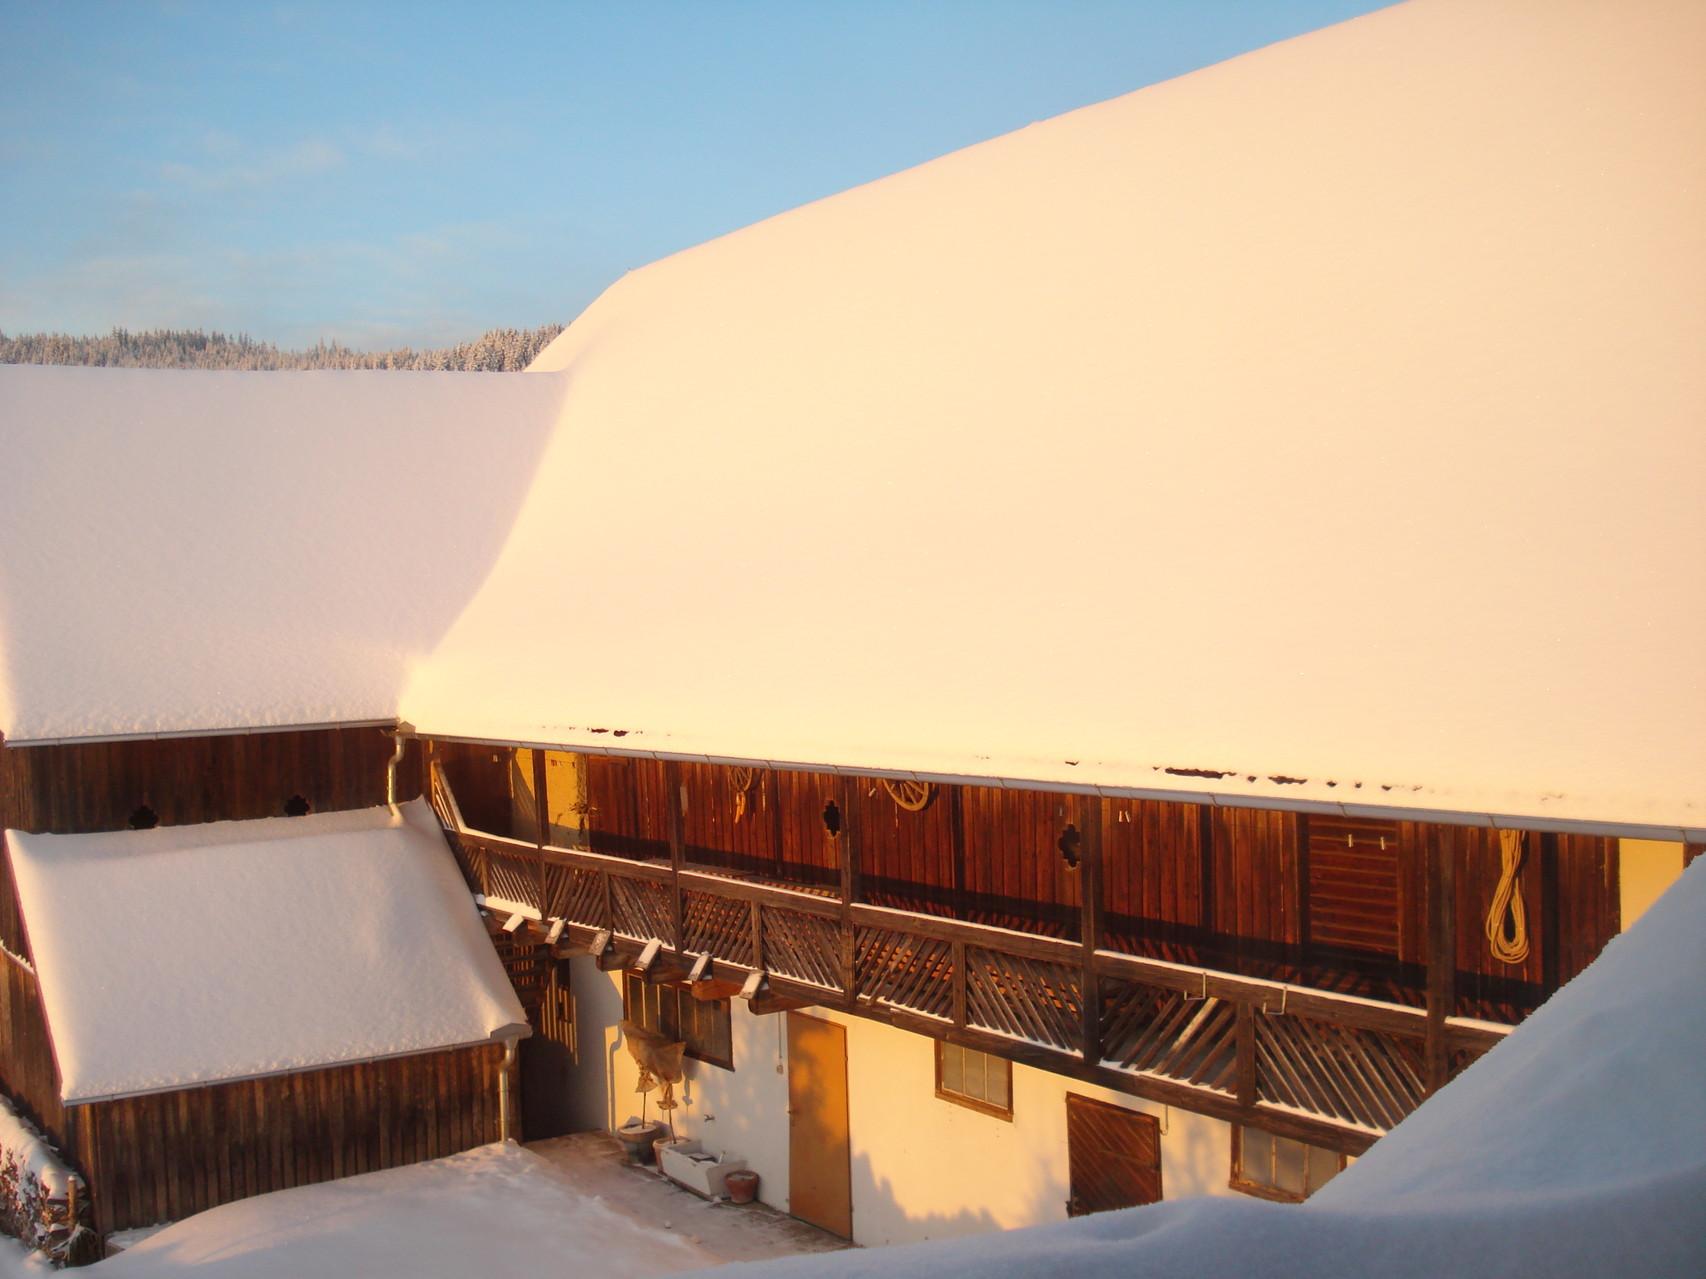 Der Edenbauerhof im Winter